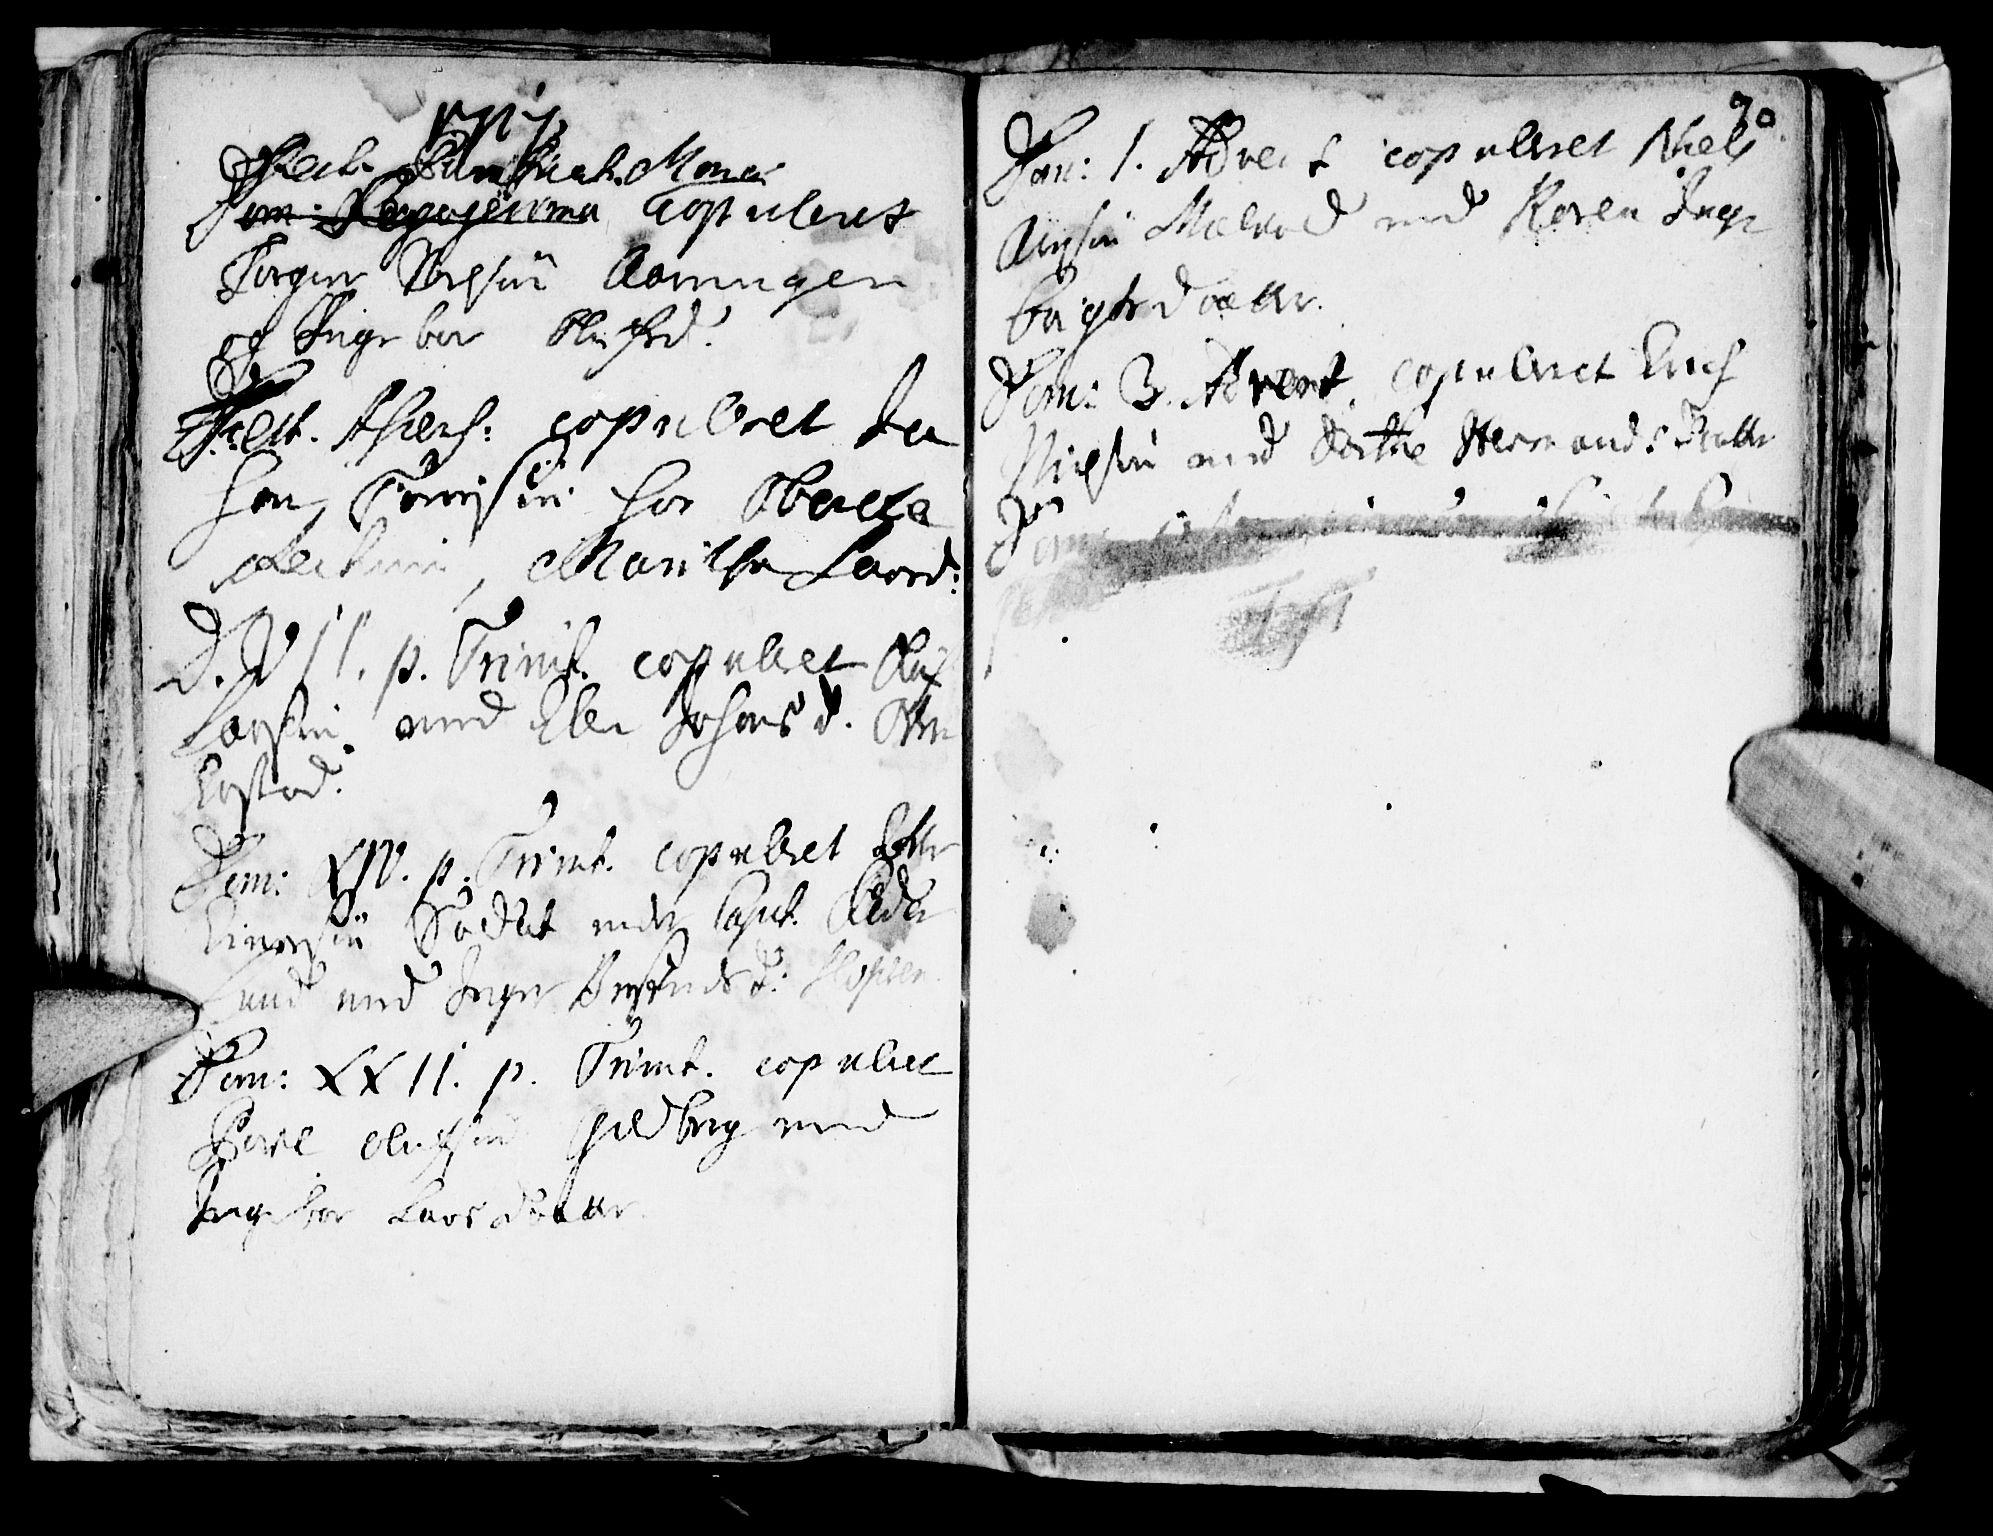 SAT, Ministerialprotokoller, klokkerbøker og fødselsregistre - Nord-Trøndelag, 722/L0214: Ministerialbok nr. 722A01, 1692-1718, s. 90